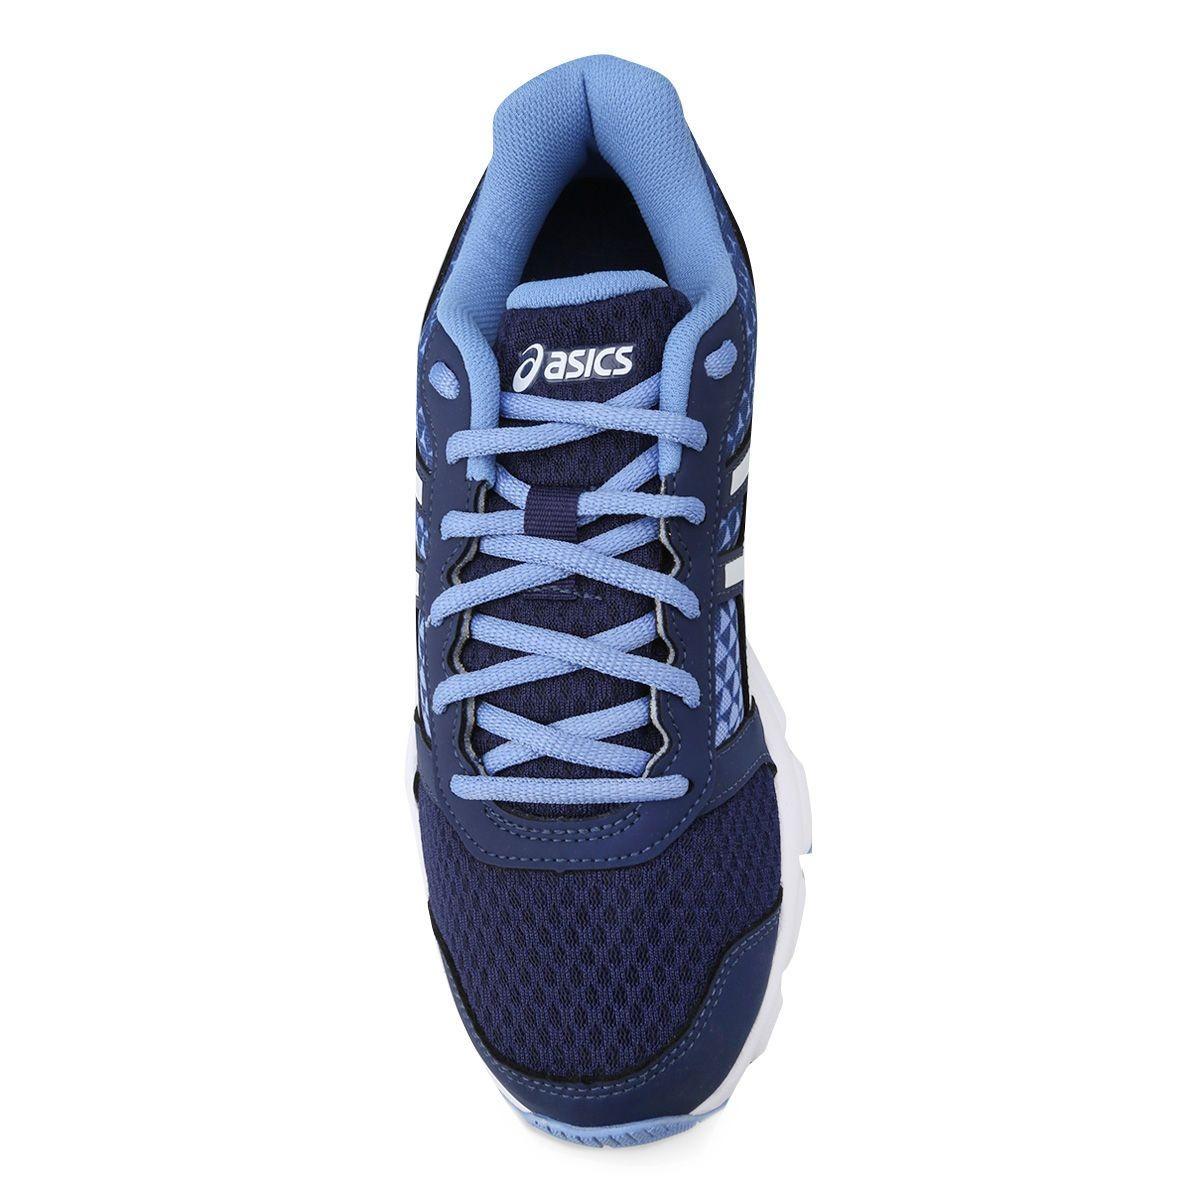 cc1e633fa6 tênis asics patriot 8 feminino azul e branco. Carregando zoom.